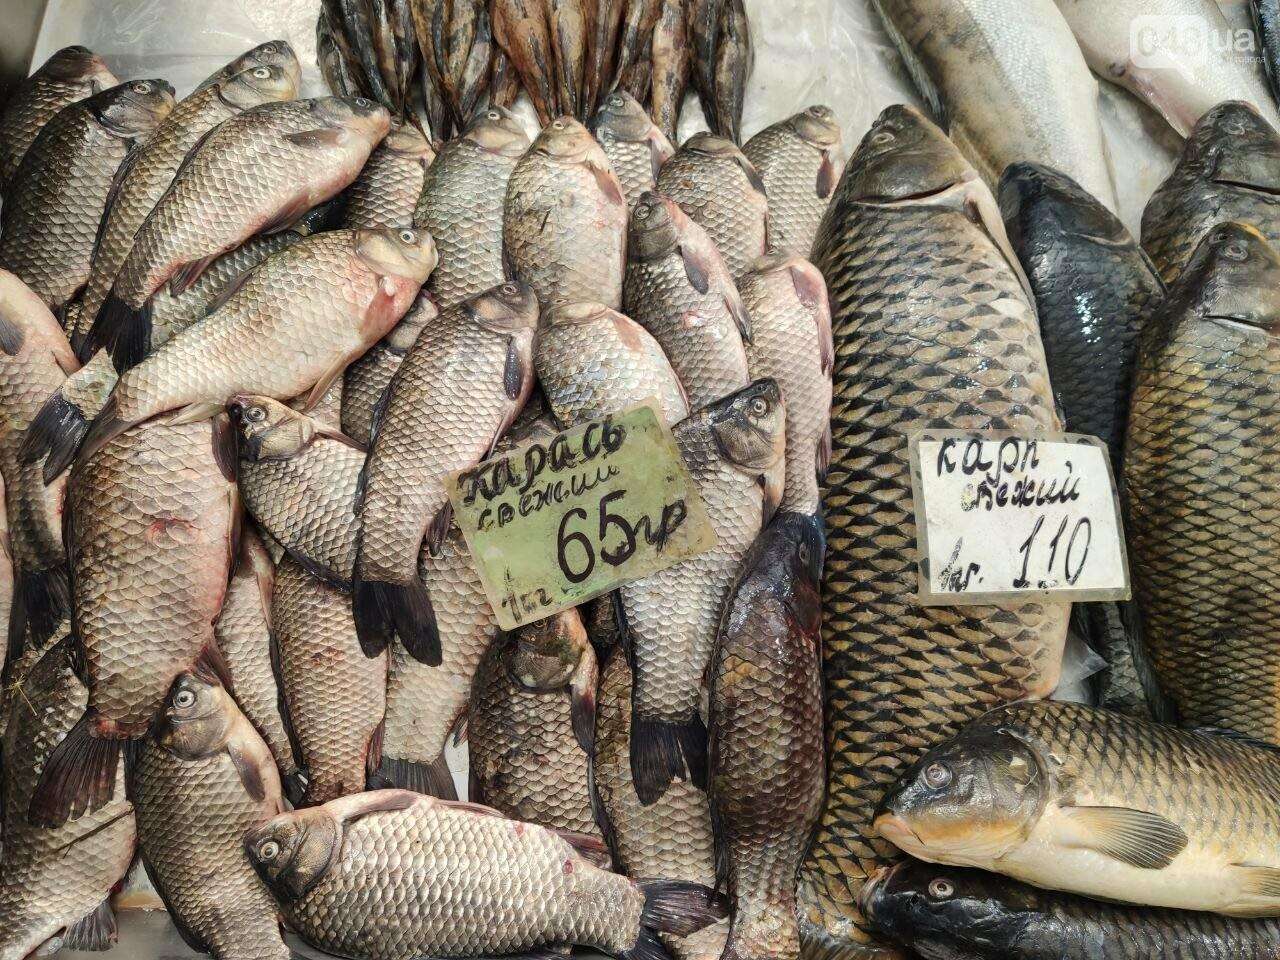 Осетр, мидии, хамса: рыбный четверг на одесском Привозе, - ФОТО, фото-2